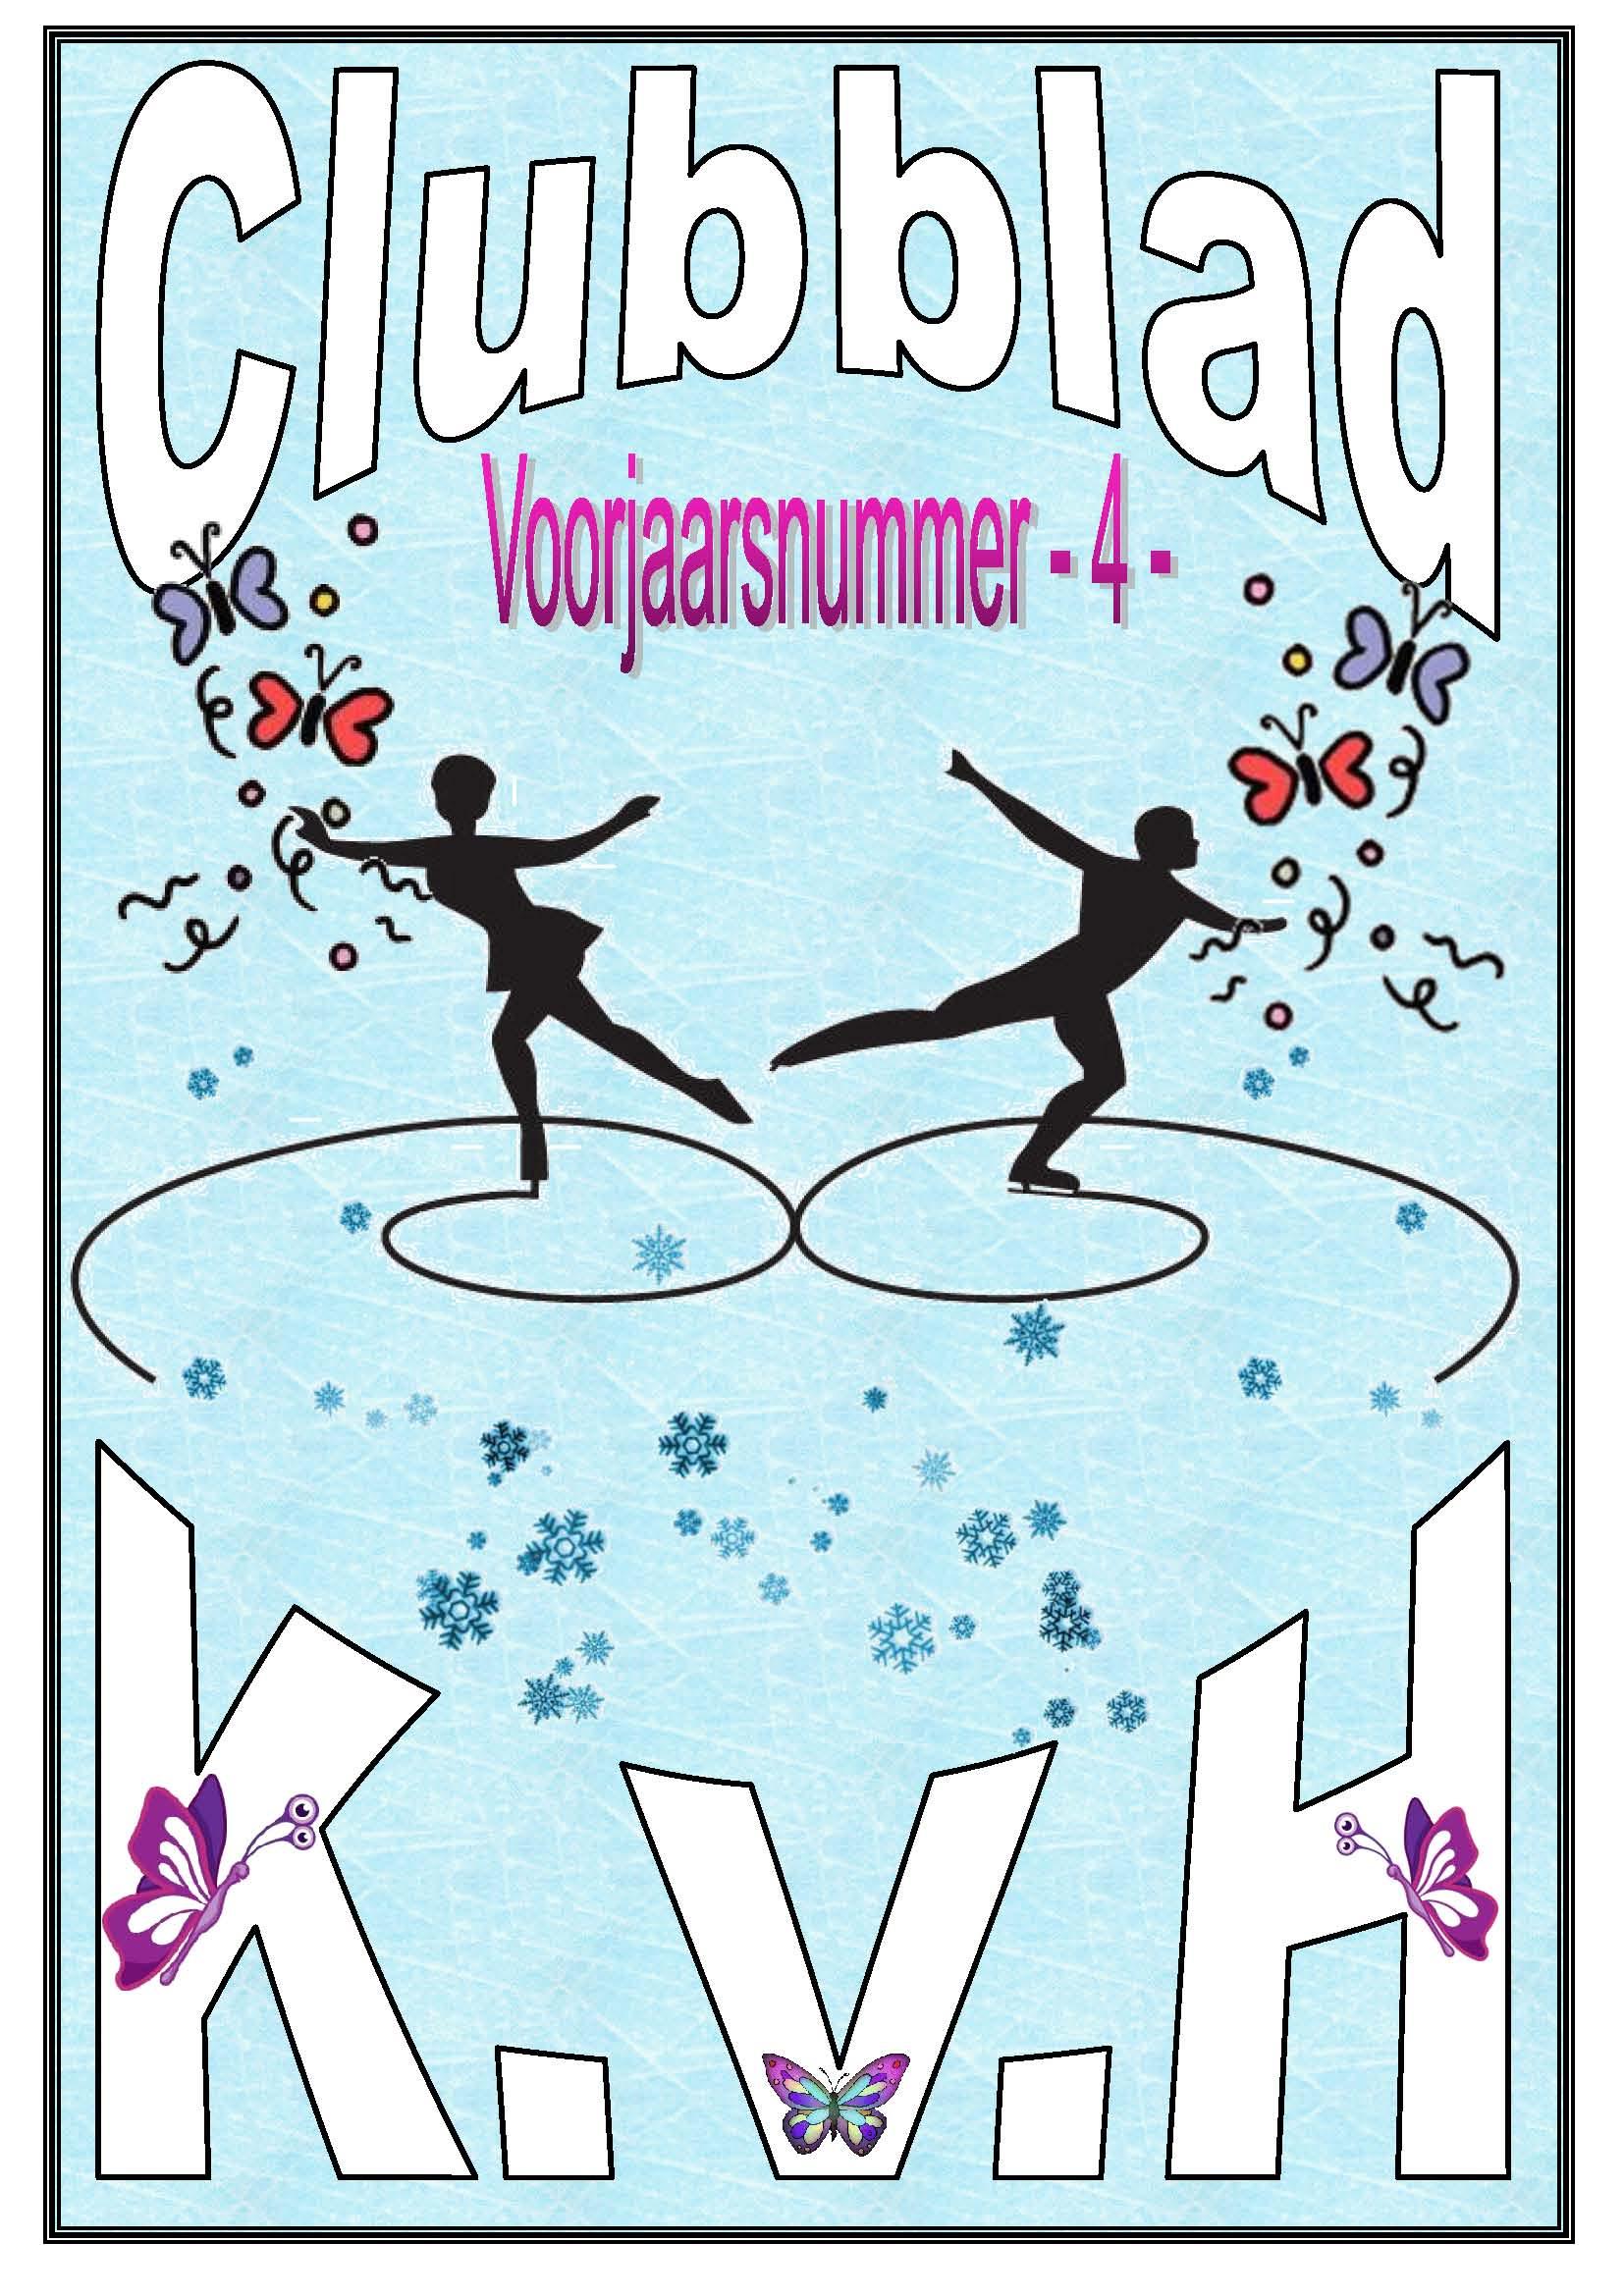 KVH Clubblad van 2 april 2011